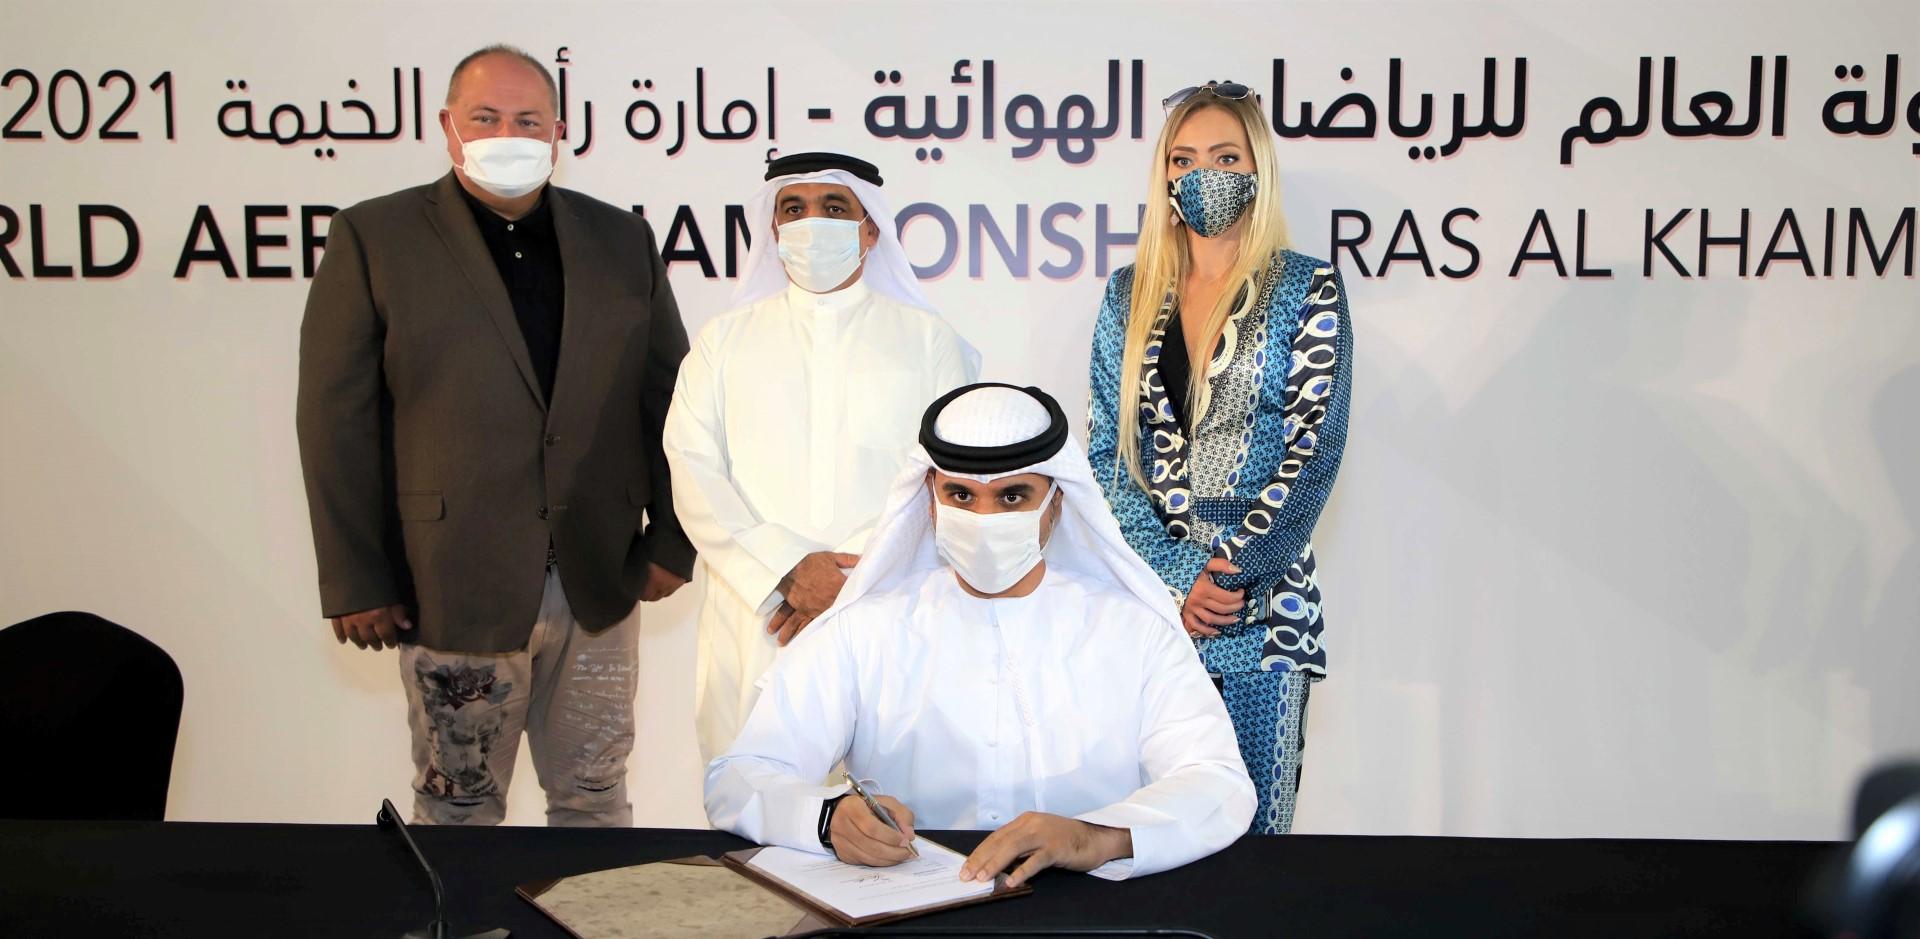 رأس الخيمة للمعارض ينظم بطولة العالم للرياضات الهوائية سبتمبر المقبل